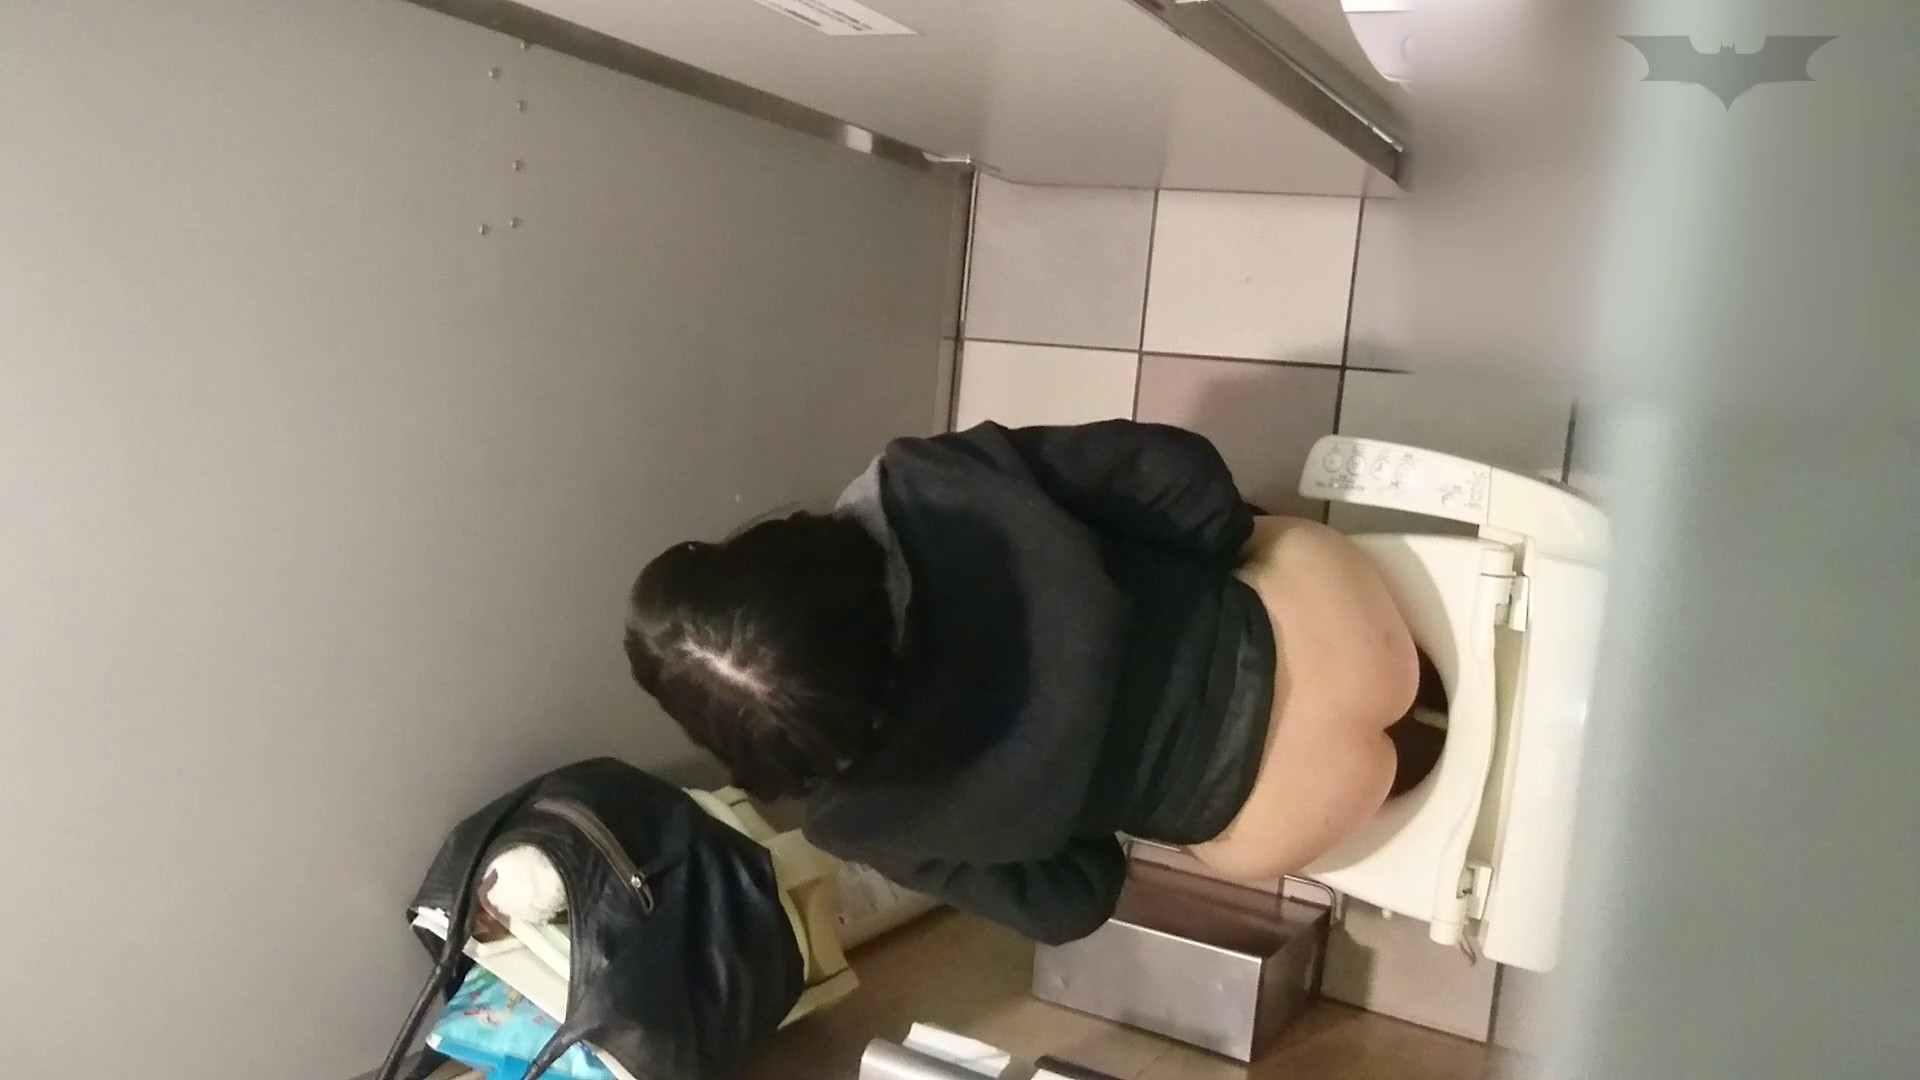 化粧室絵巻 ショッピングモール編 VOL.09 美肌  97PIX 36